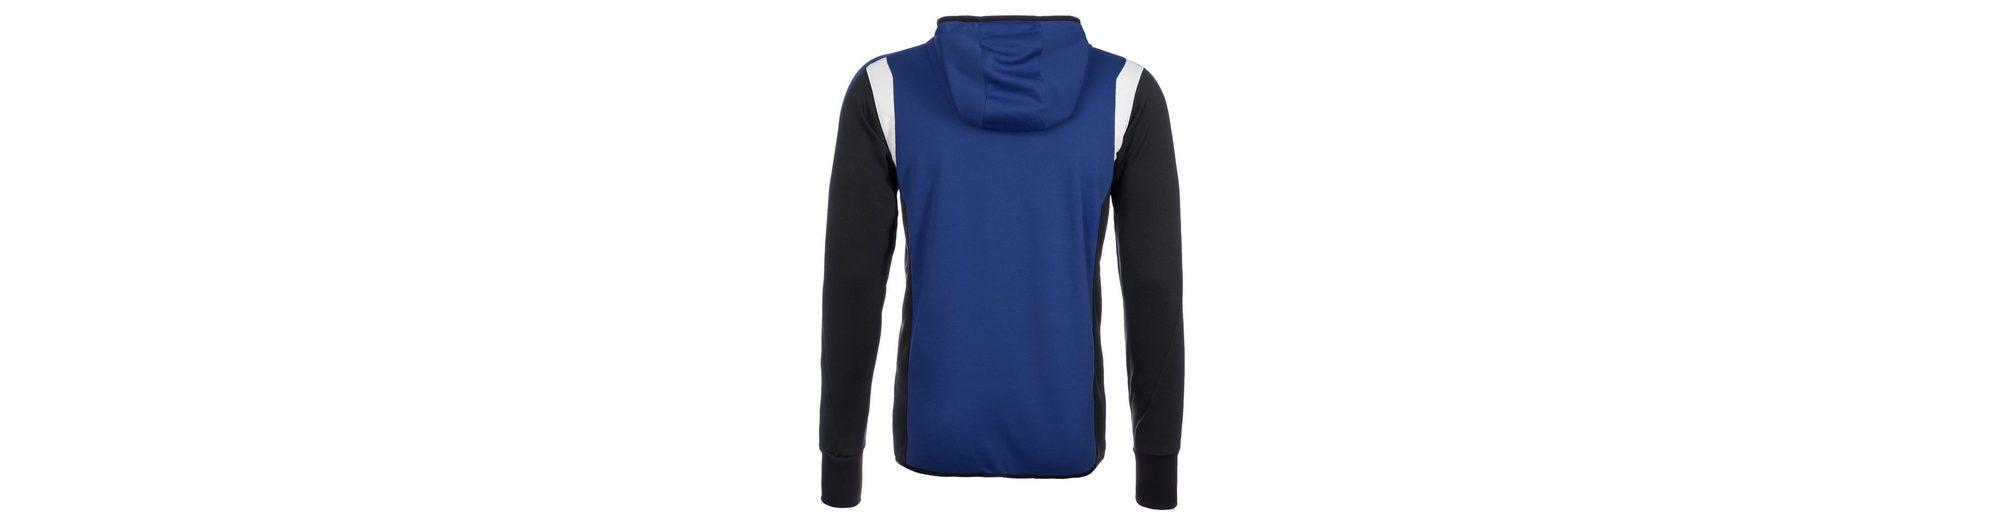 ERIMA Premium One Trainingsjacke mit Kapuze Herren Mode Günstig Online Rabatt Genießen Billig Verkauf Echten oKy72qm